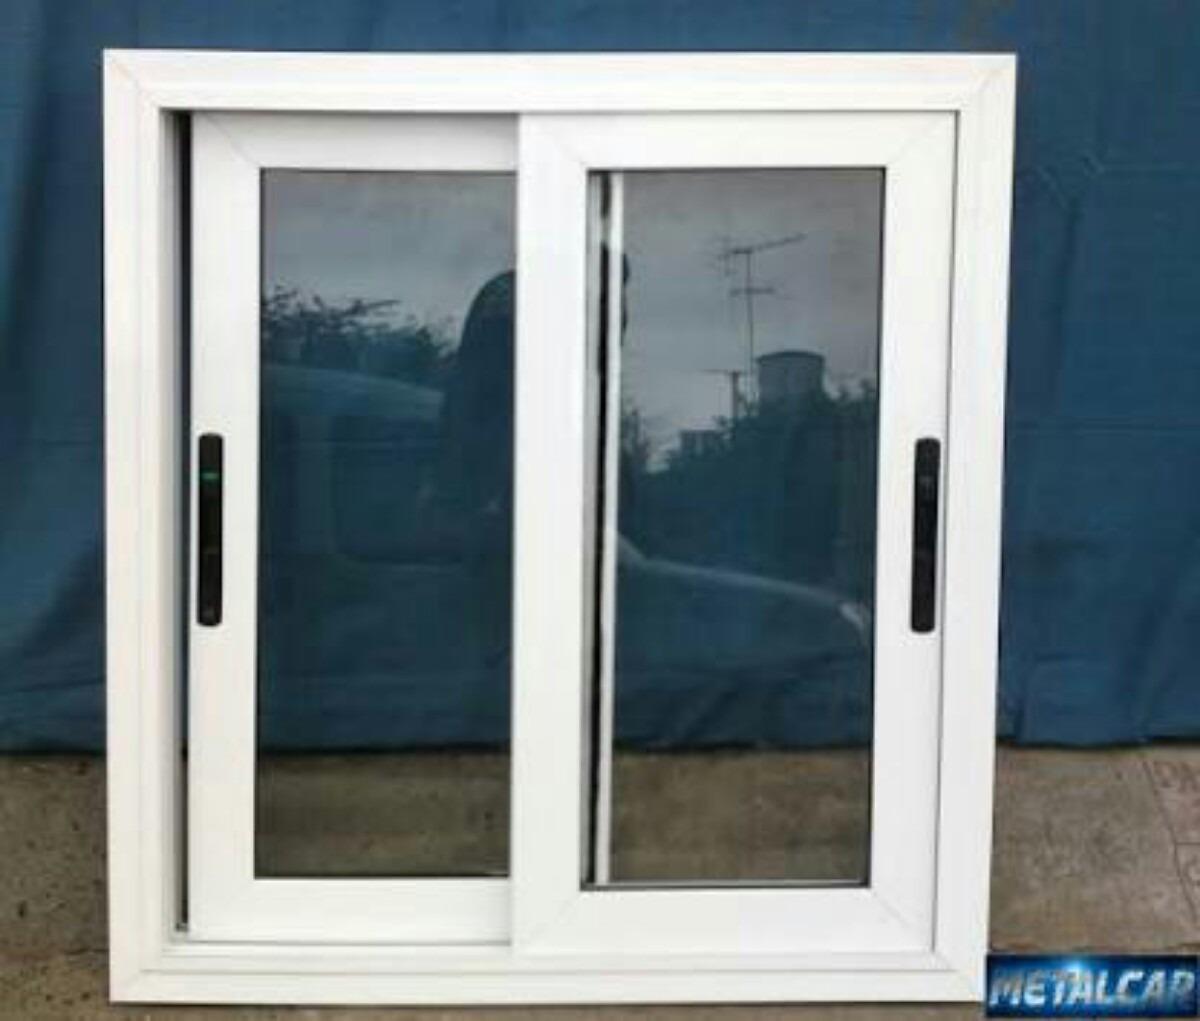 Ventanas de aluminio 1250 1 en mercado libre for Puertas y ventanas de aluminio blanco precios